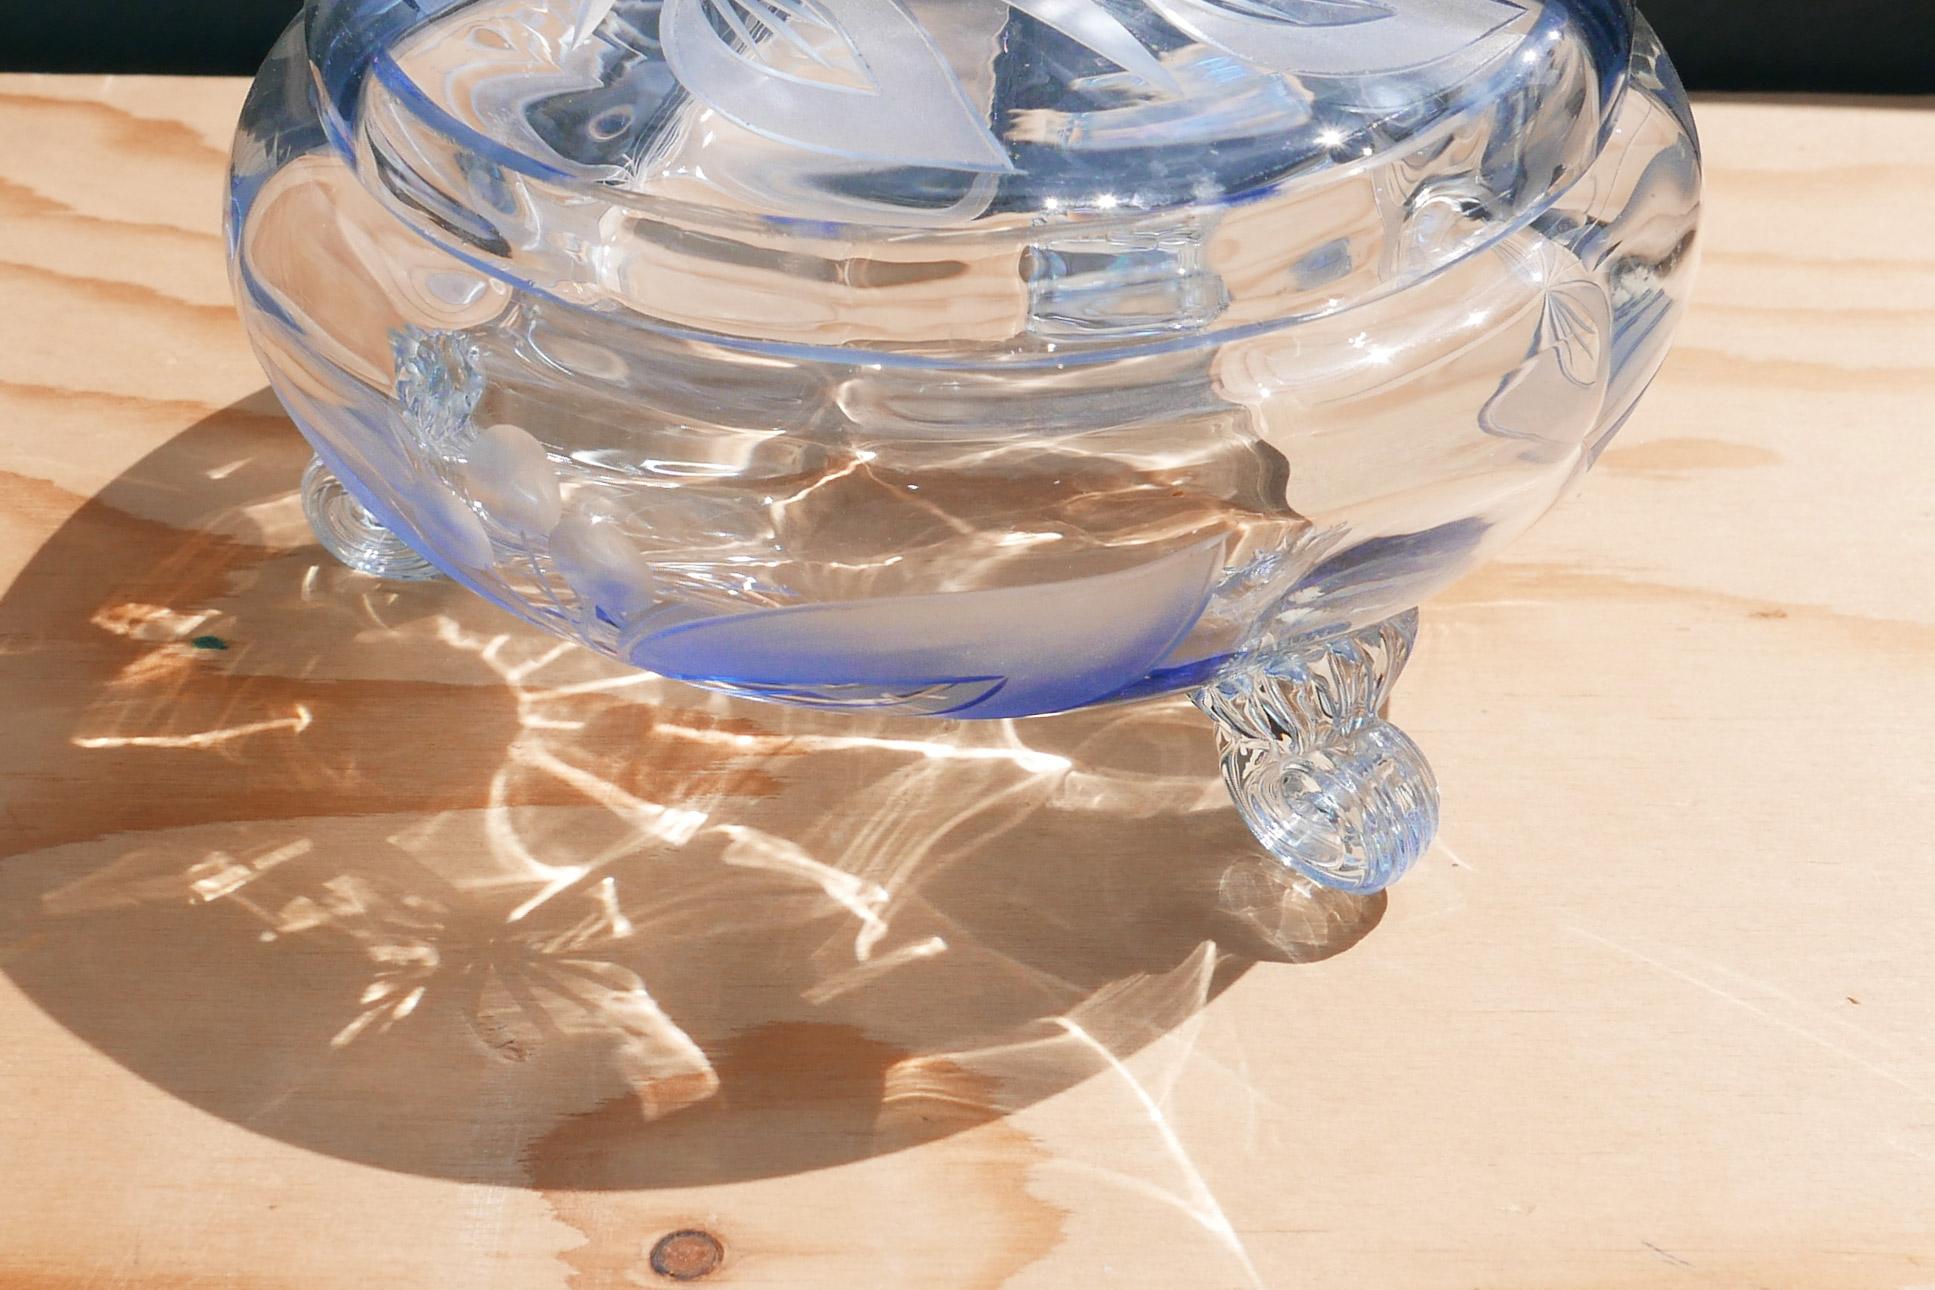 Bonboniere mit Füßchen als Voluten blaues Glas